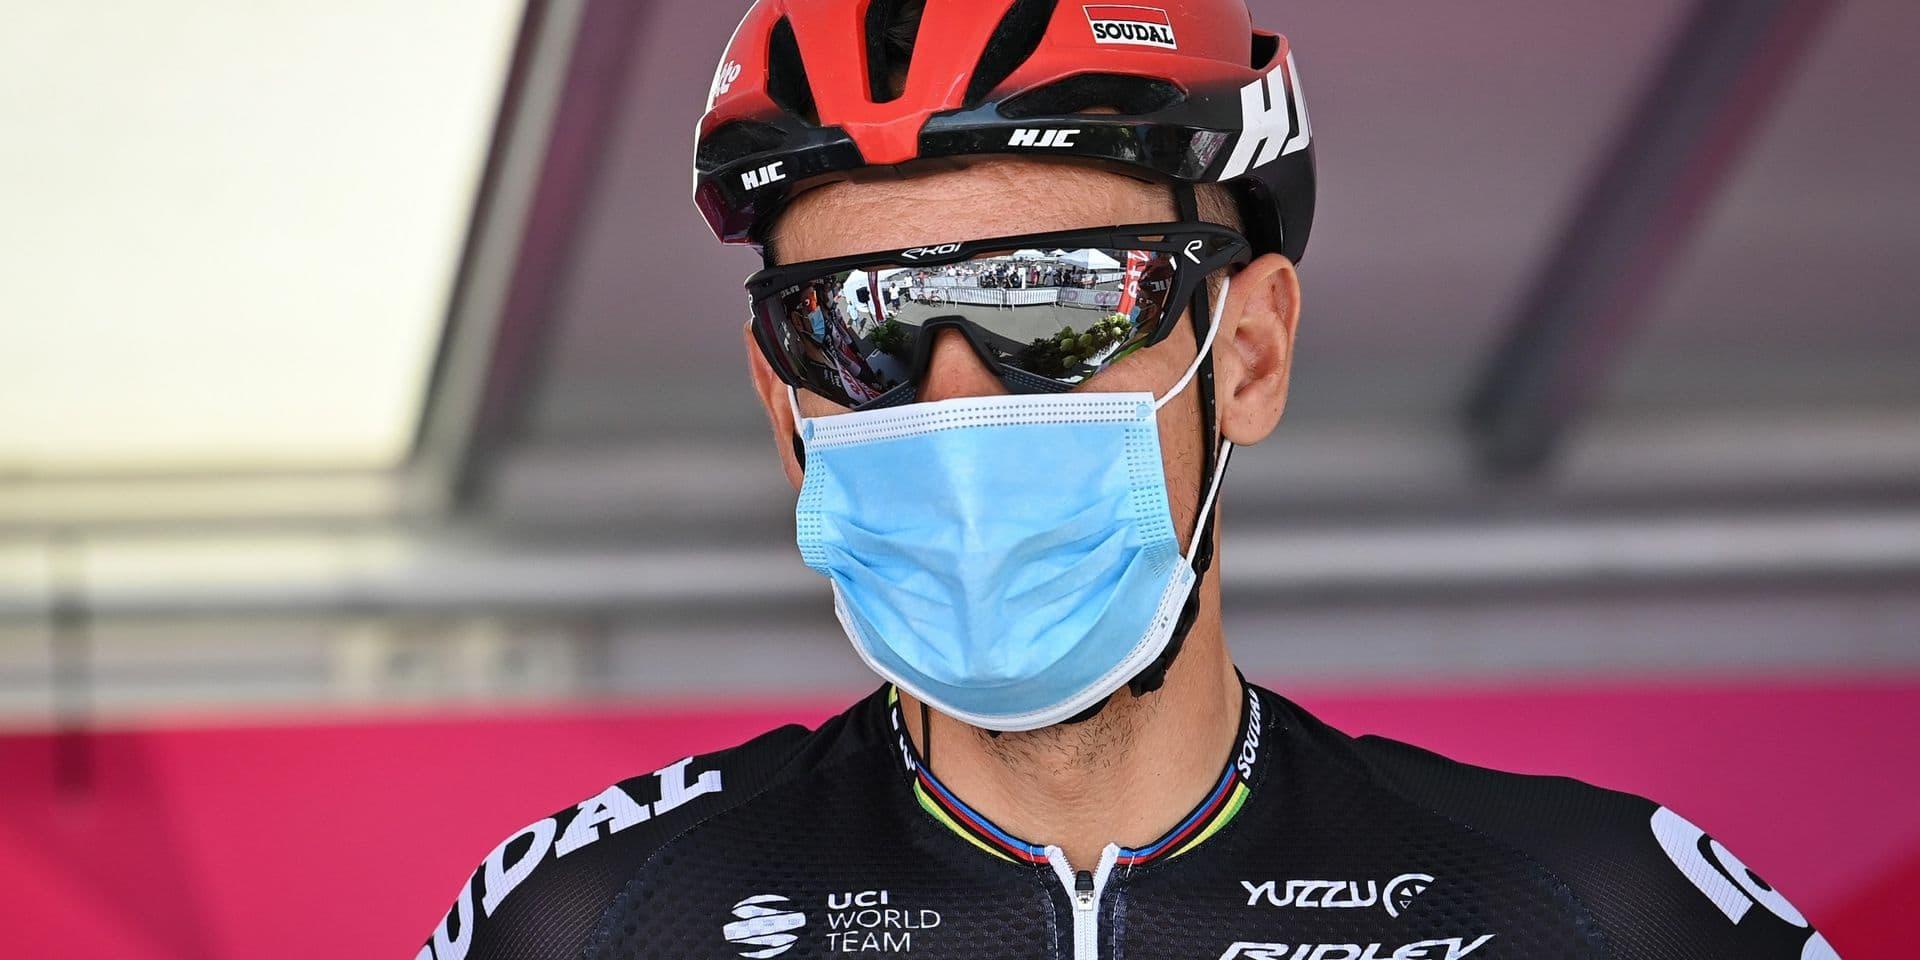 Philippe Gilbert à l'hôpital, sa participation à la seconde étape incertaine